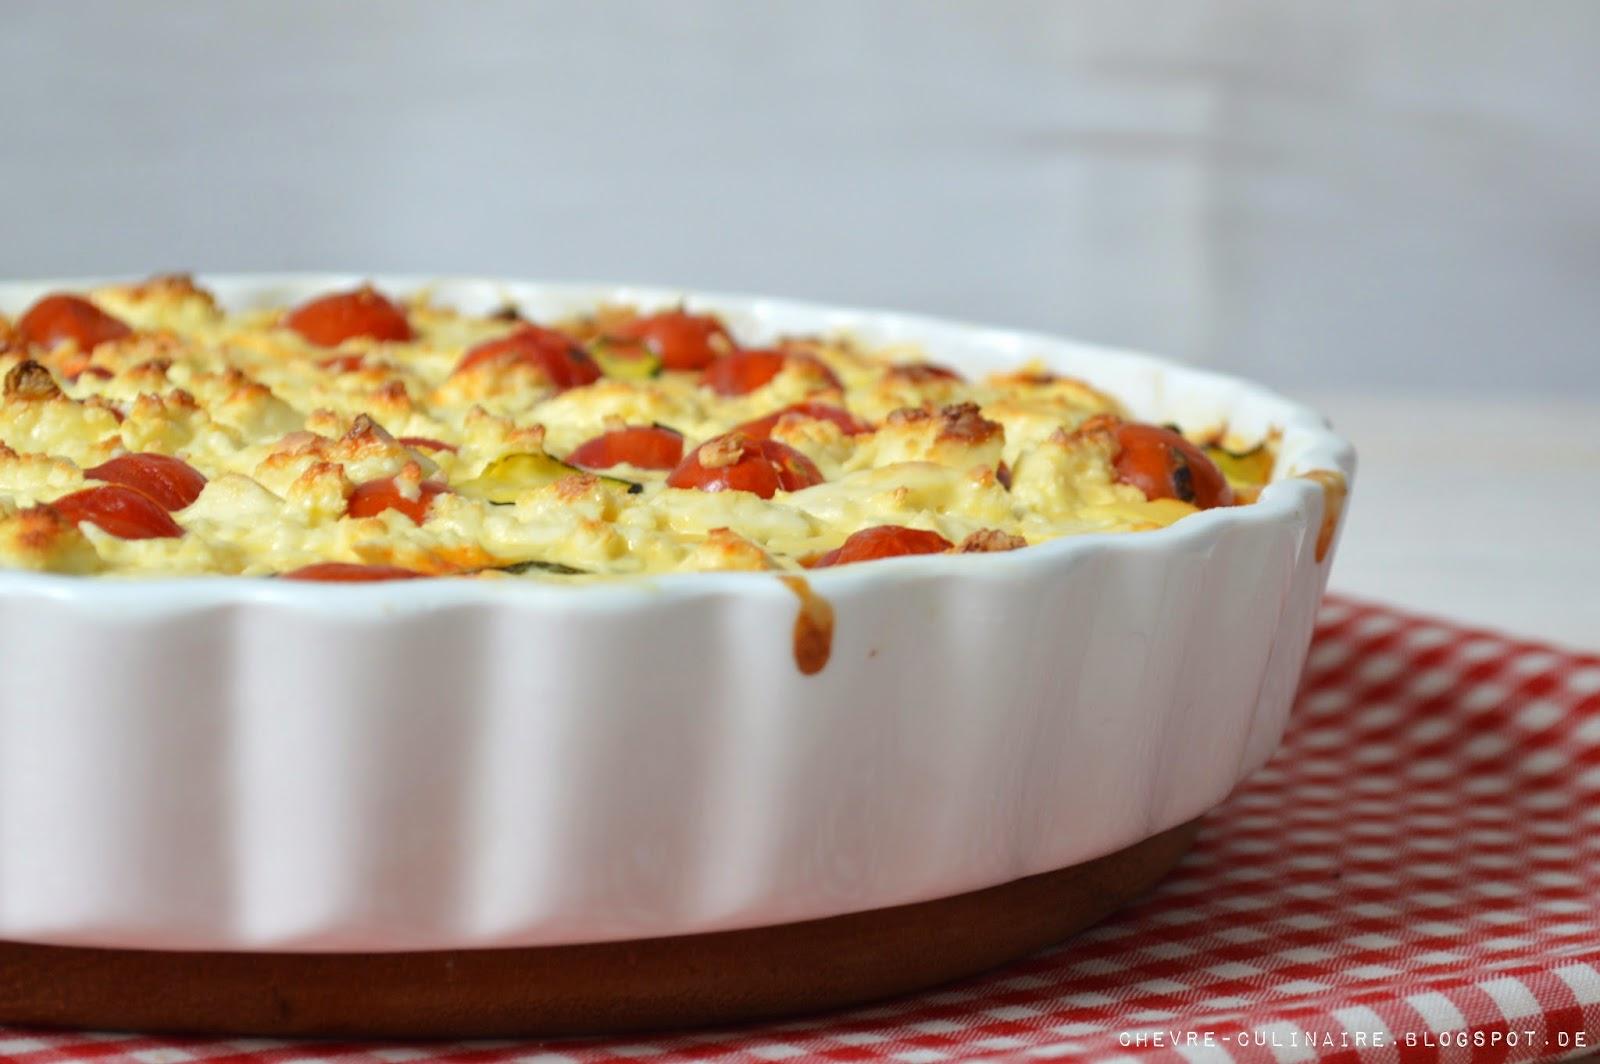 Chevre Culinaire Zucchini Tomaten Quiche Mit Feta Oder Die